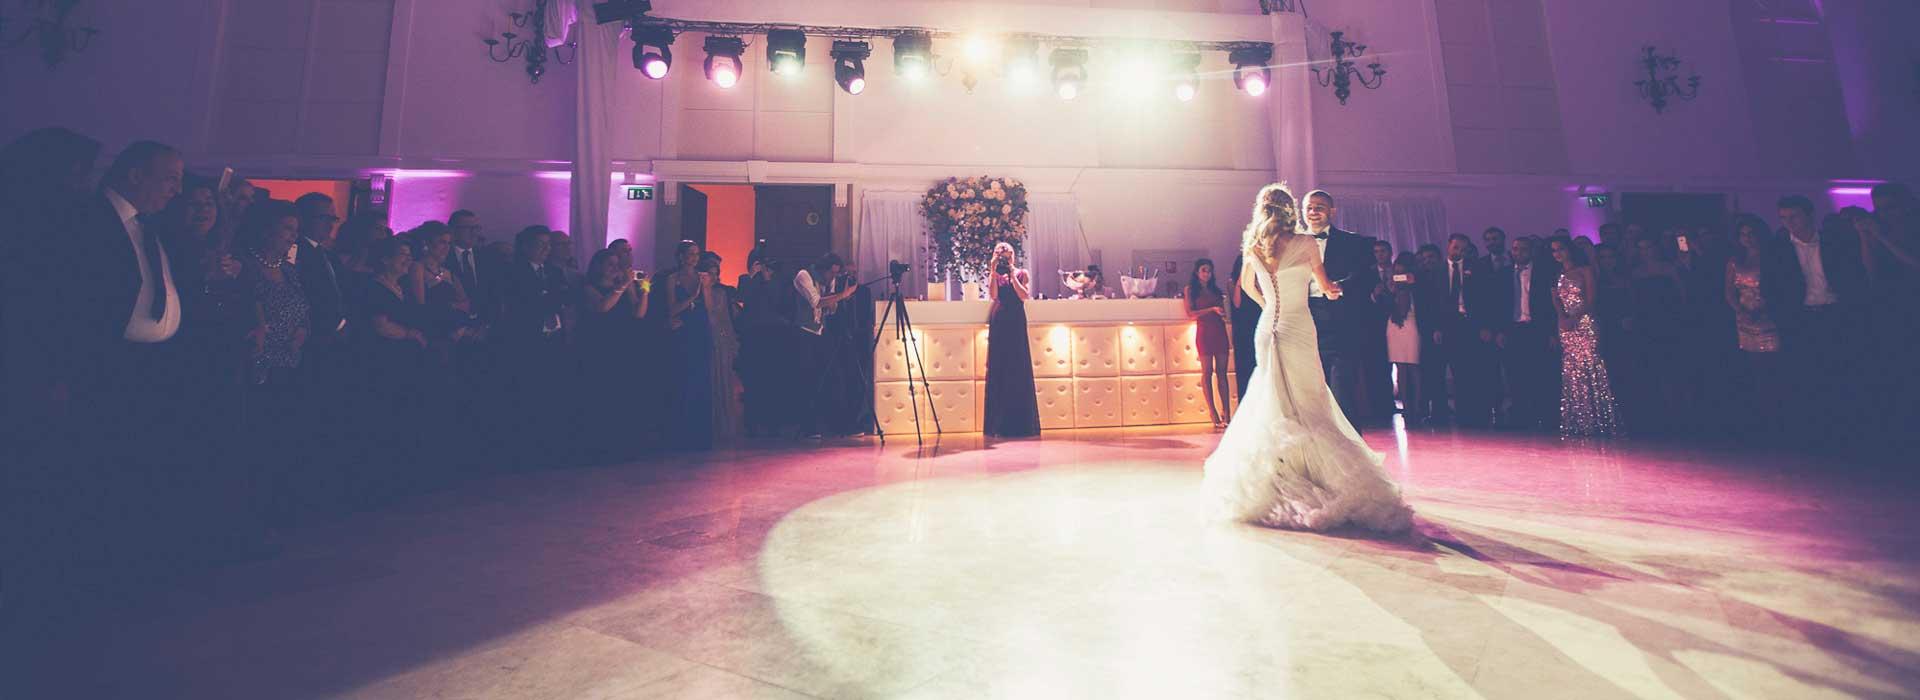 Legyen Tiéd a legszebb esküvői fotósorozat!